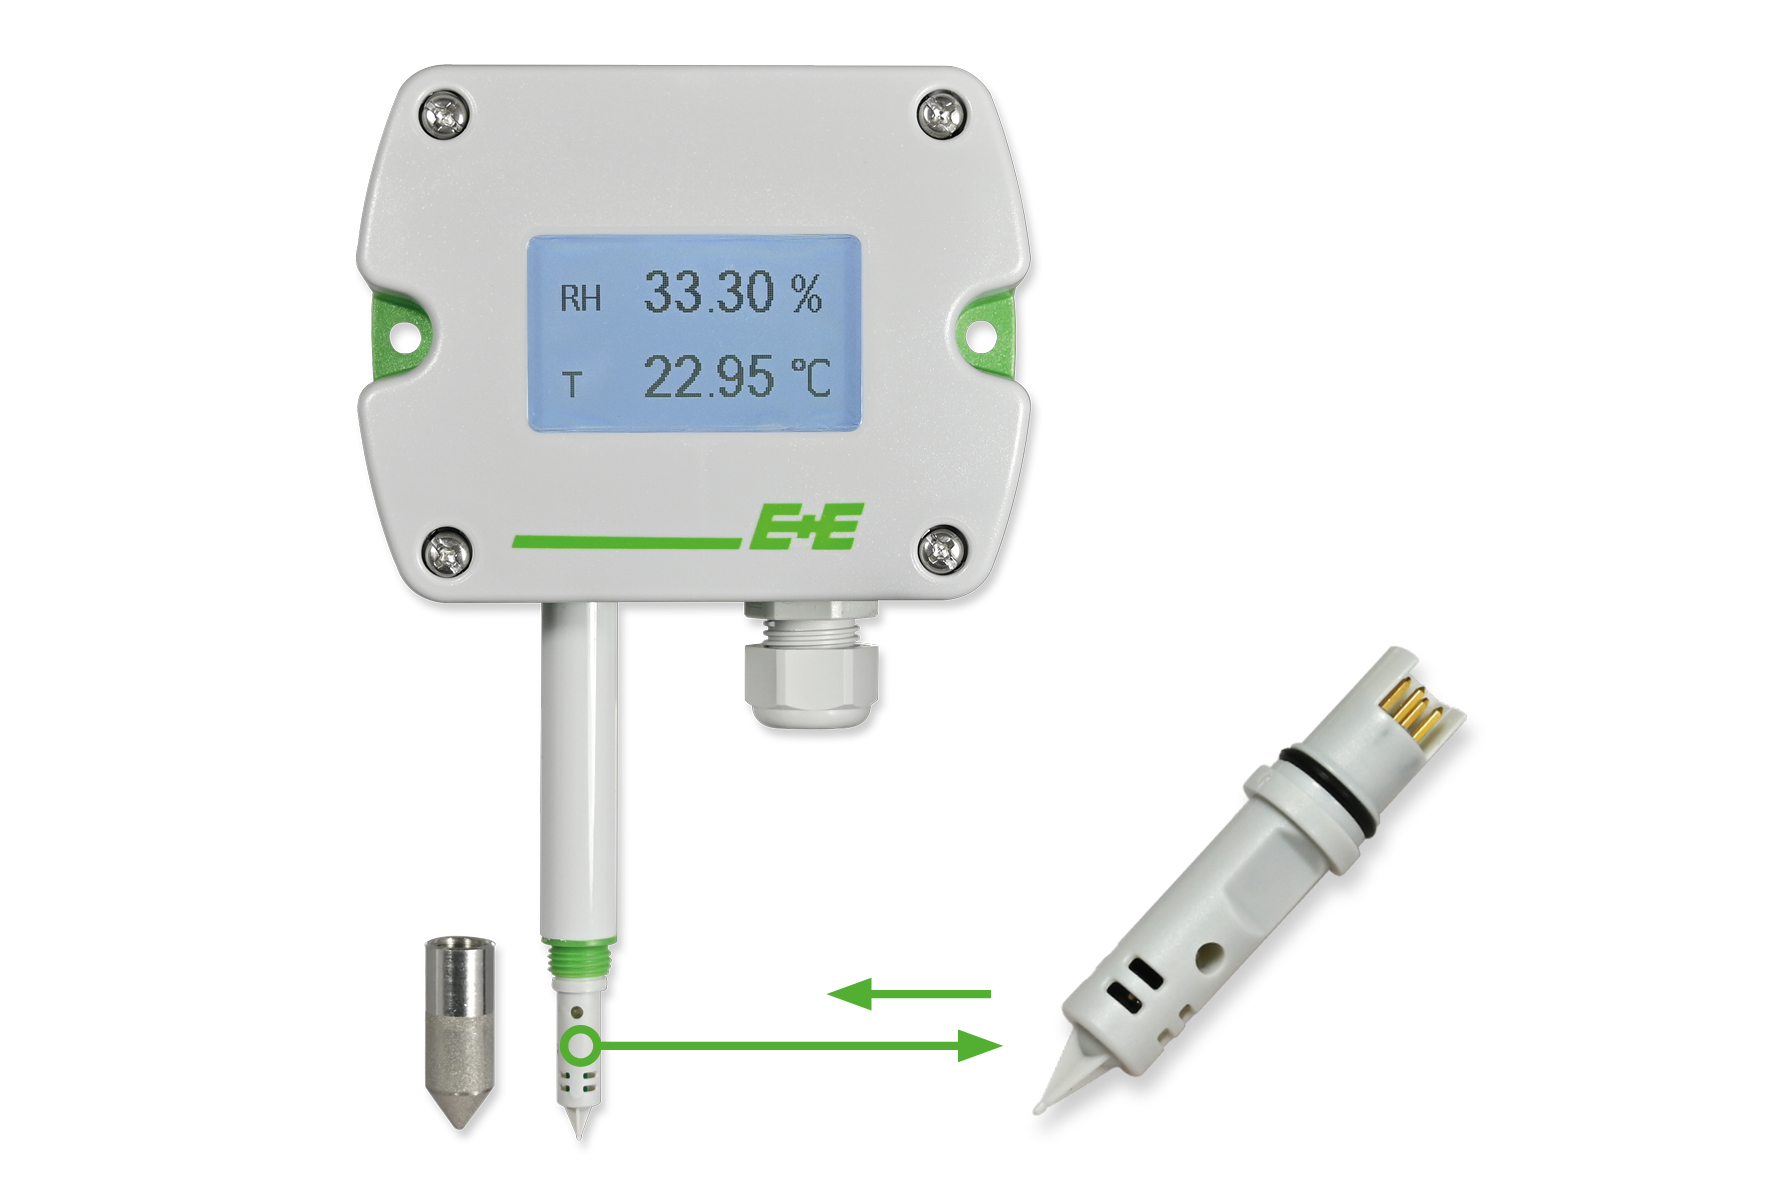 Vochtigheids- en temperatuursensor met verwisselbare sensor-tip Betrouwbaar blijven meten zonder omslachtige kalibraties!